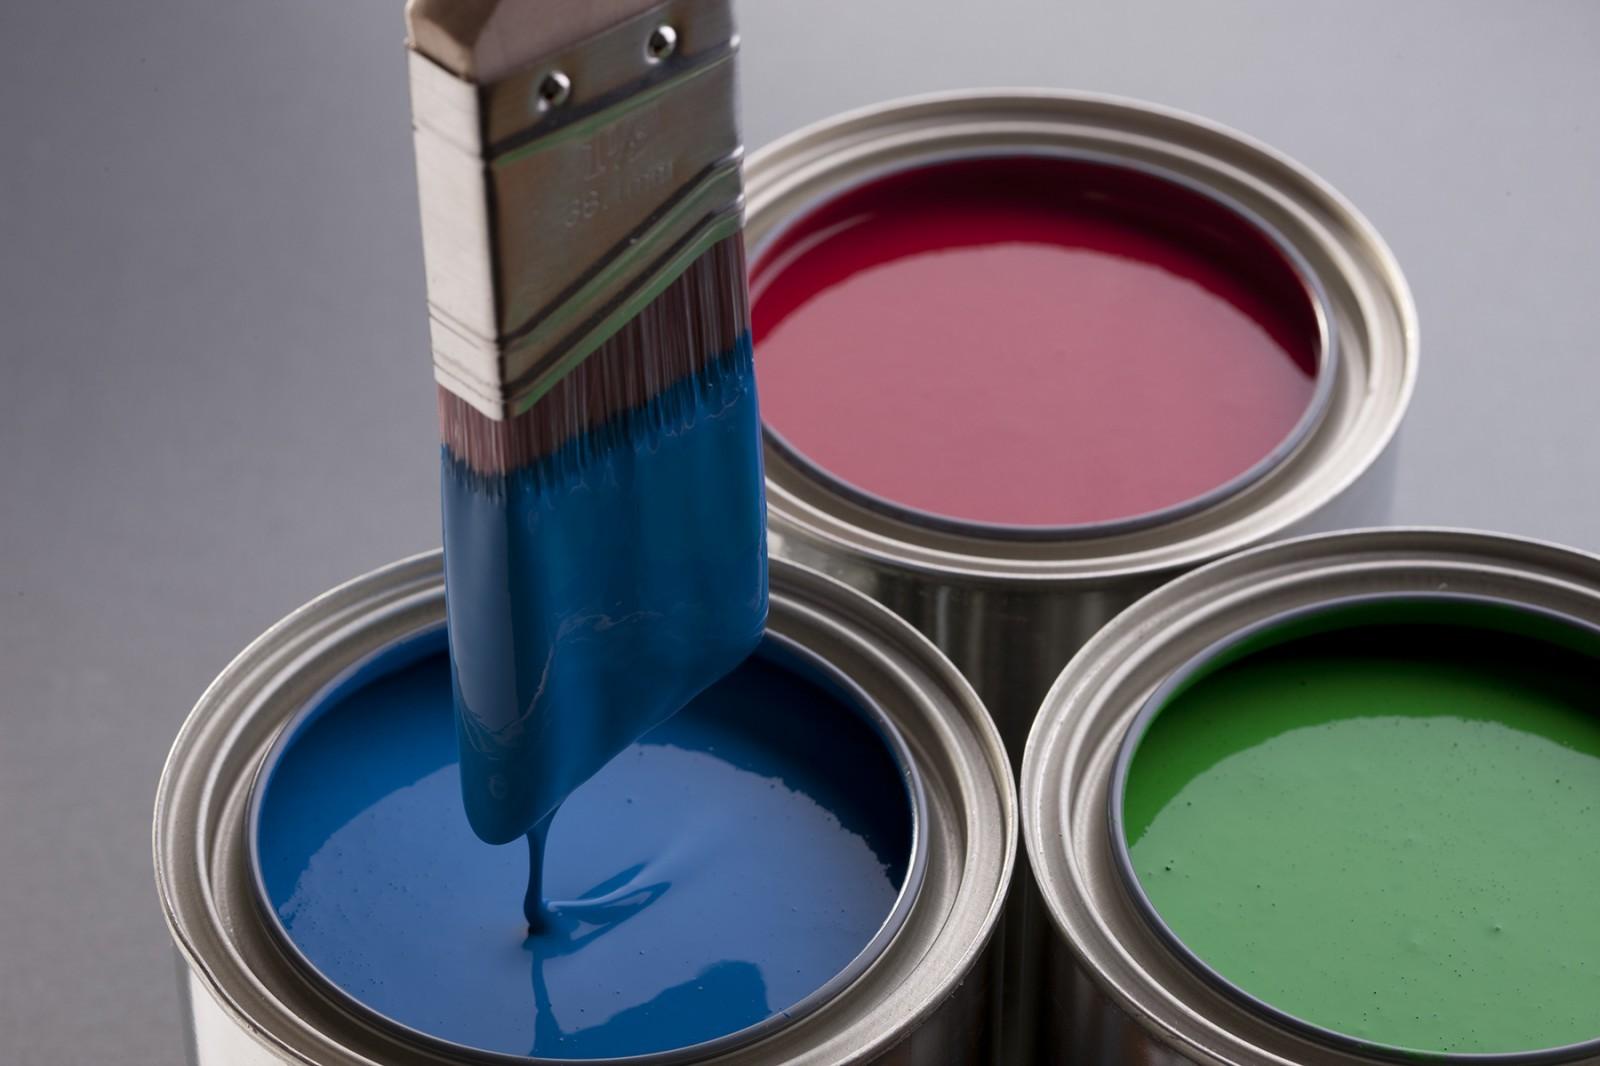 Pha loãng sơn bằng dung môi là xăng thơm